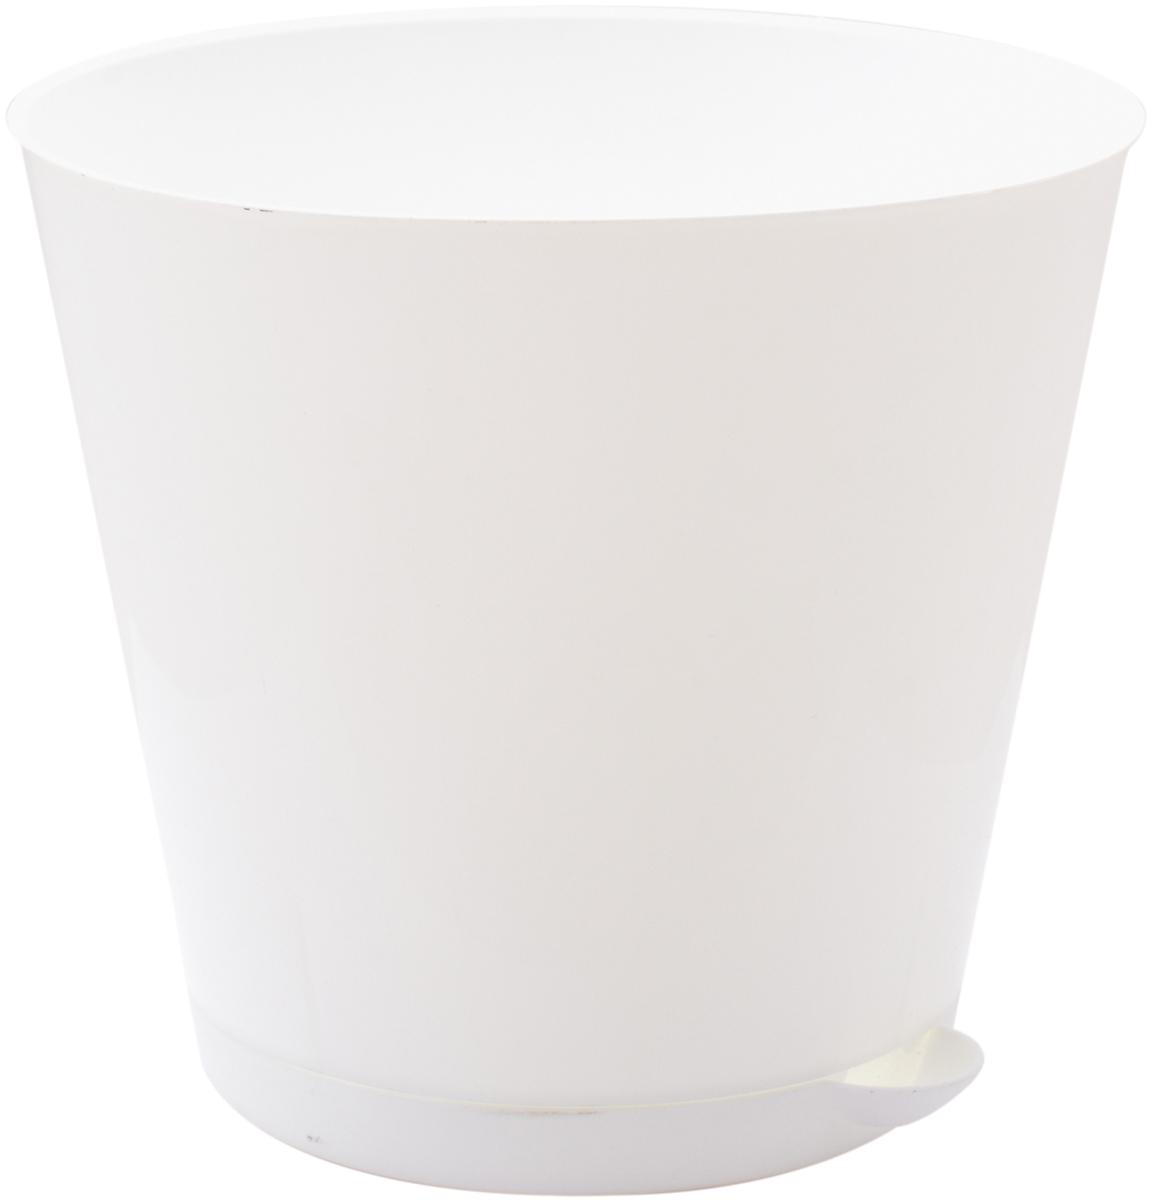 Горшок для цветов InGreen Крит, с системой прикорневого полива, цвет: белый, диаметр 22,6 смING46022БЛГоршок InGreen Крит, выполненный из высококачественного пластика, предназначен для выращивания комнатных цветов, растений и трав. Специальная конструкция обеспечивает вентиляцию в корневой системе растения, а дренажные отверстия позволяют выходить лишней влаге из почвы. Крепежные отверстия и штыри прочно крепят подставку к горшку. Прикорневой полив растения осуществляется через удобный носик. Система прикорневого полива позволяет оставлять комнатное растение без внимания тем, кто часто находится в командировках или собирается в отпуск и не имеет возможности вовремя поливать цветы.Такой горшок порадует вас современным дизайном и функциональностью, а также оригинально украсит интерьер любого помещения. Объем: 5 л.